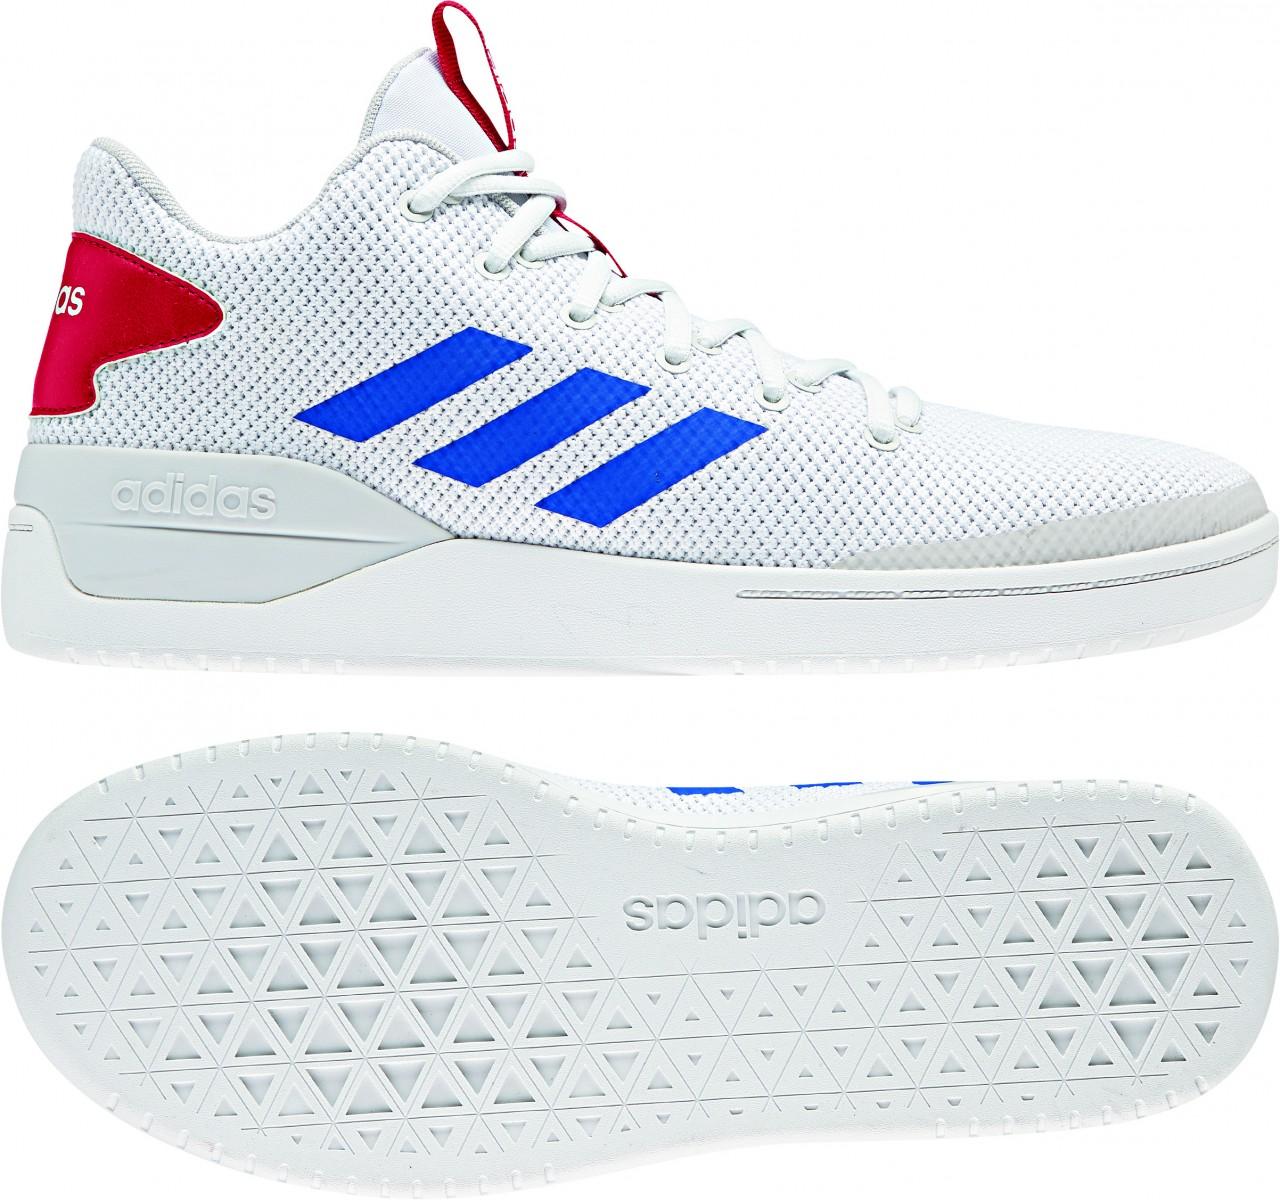 Adidas Basket BBAll 80S Uomo B44835